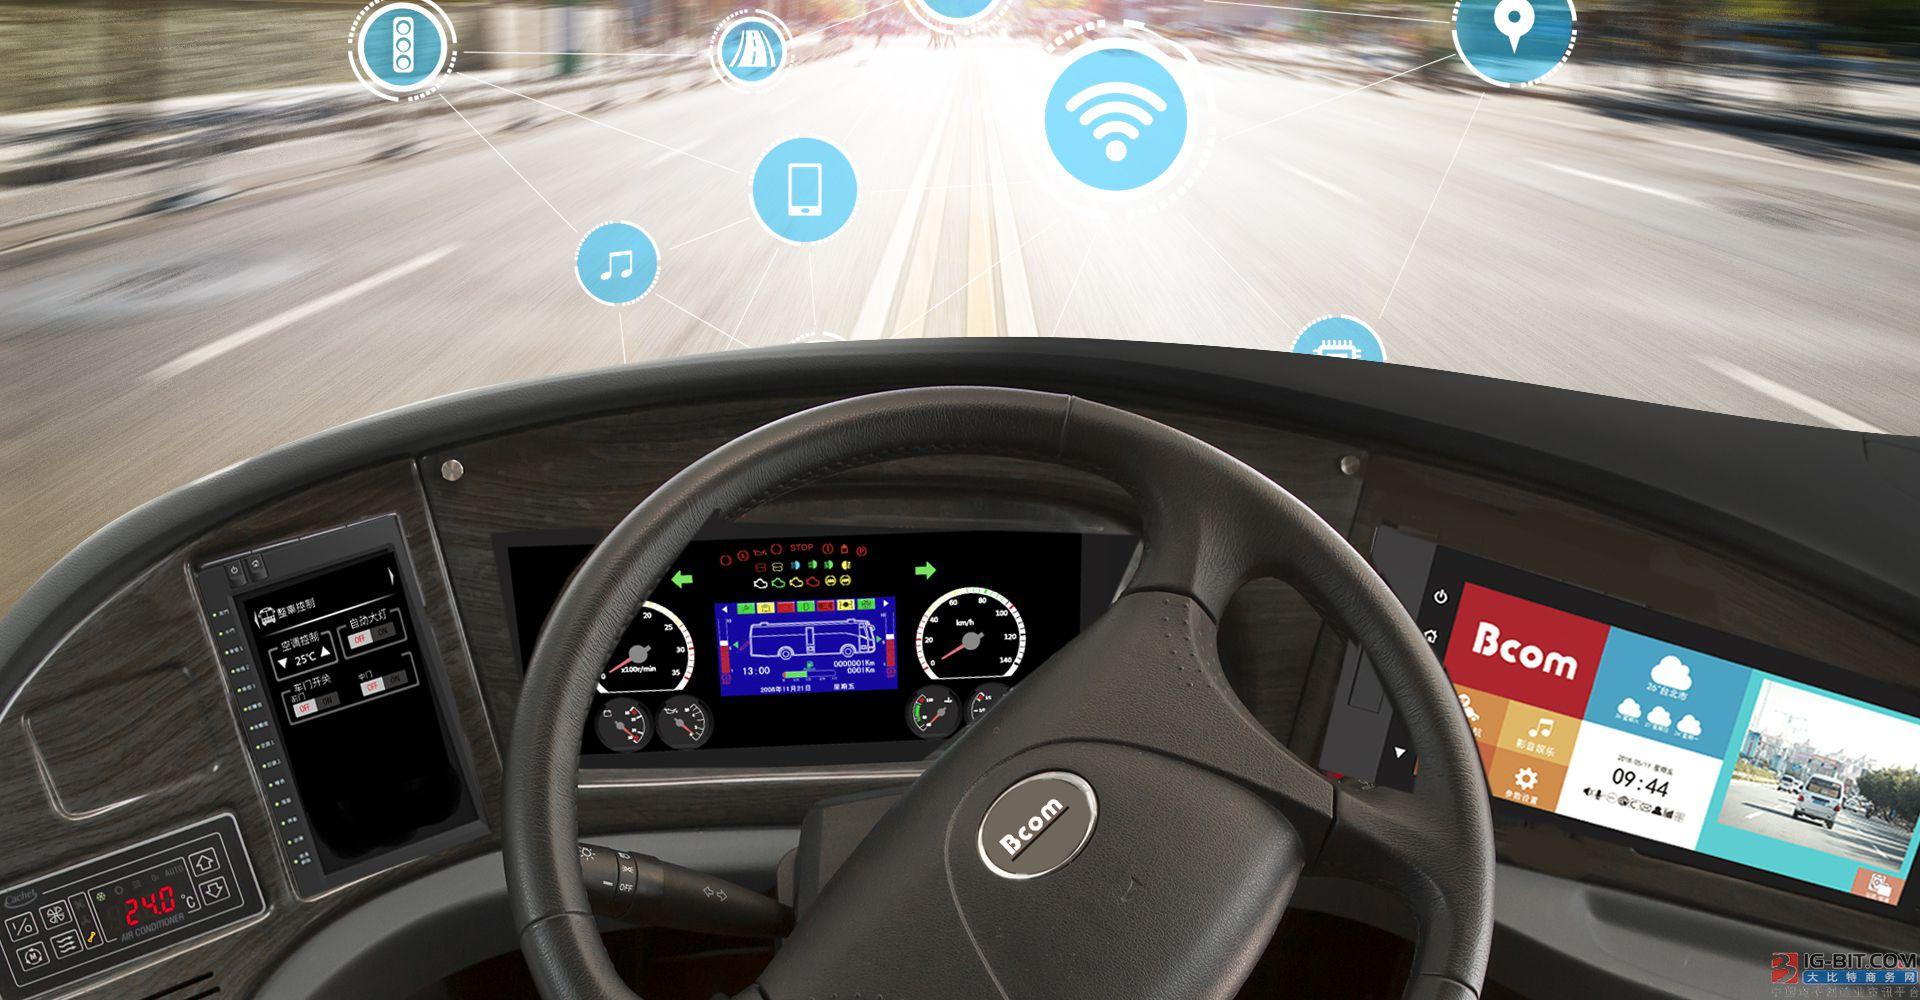 迈来芯推出新款霍尔传感器IC 适用于EPAS等安全关键汽车系统